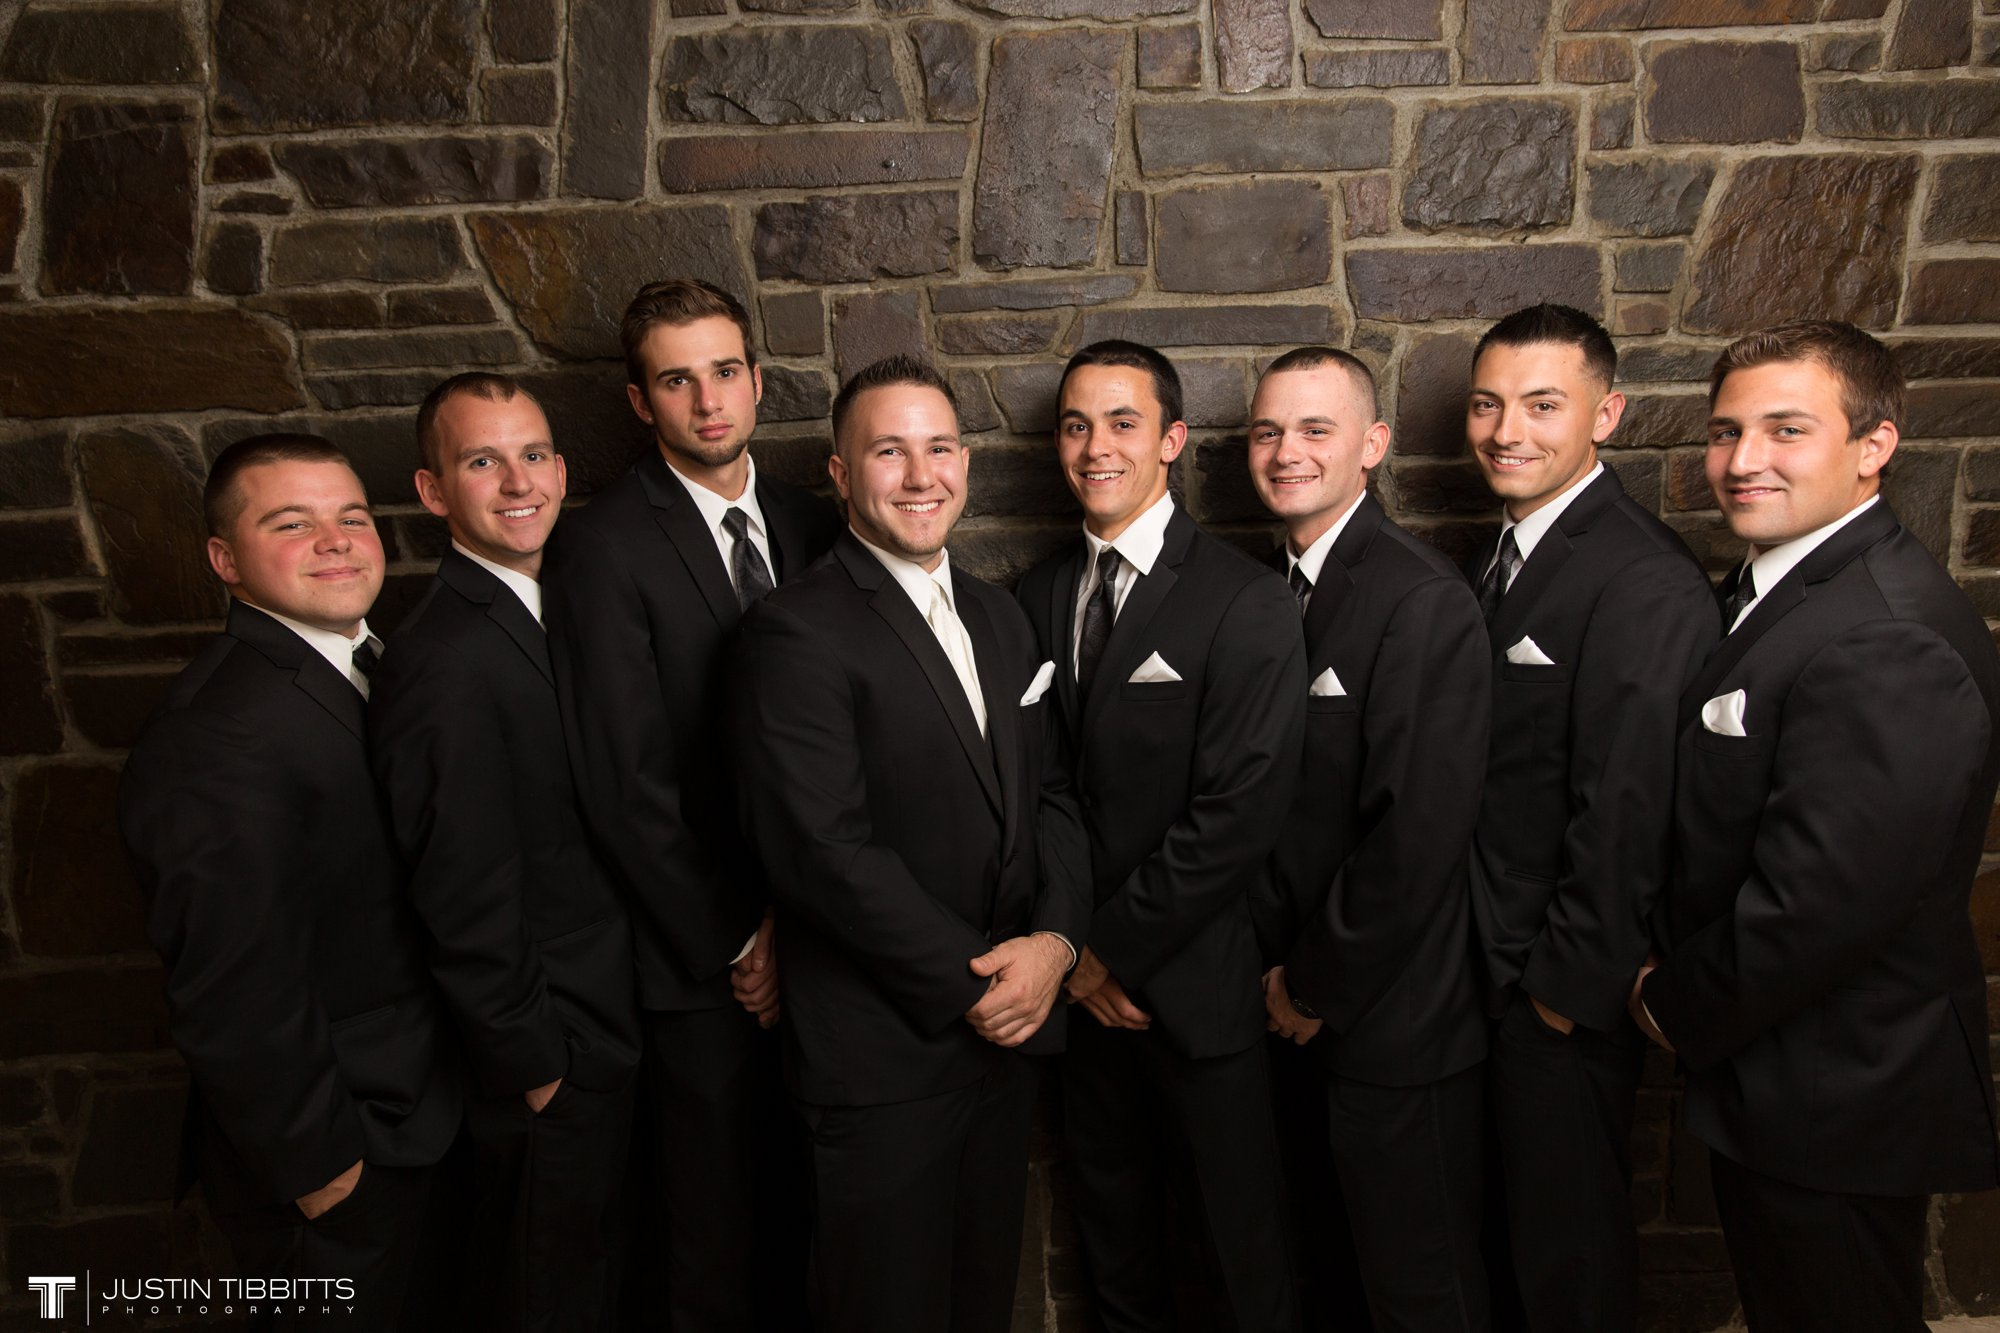 Albany NY Wedding Photographer Justin Tibbitts Photography 2014 Best of Albany NY Weddings-3864627